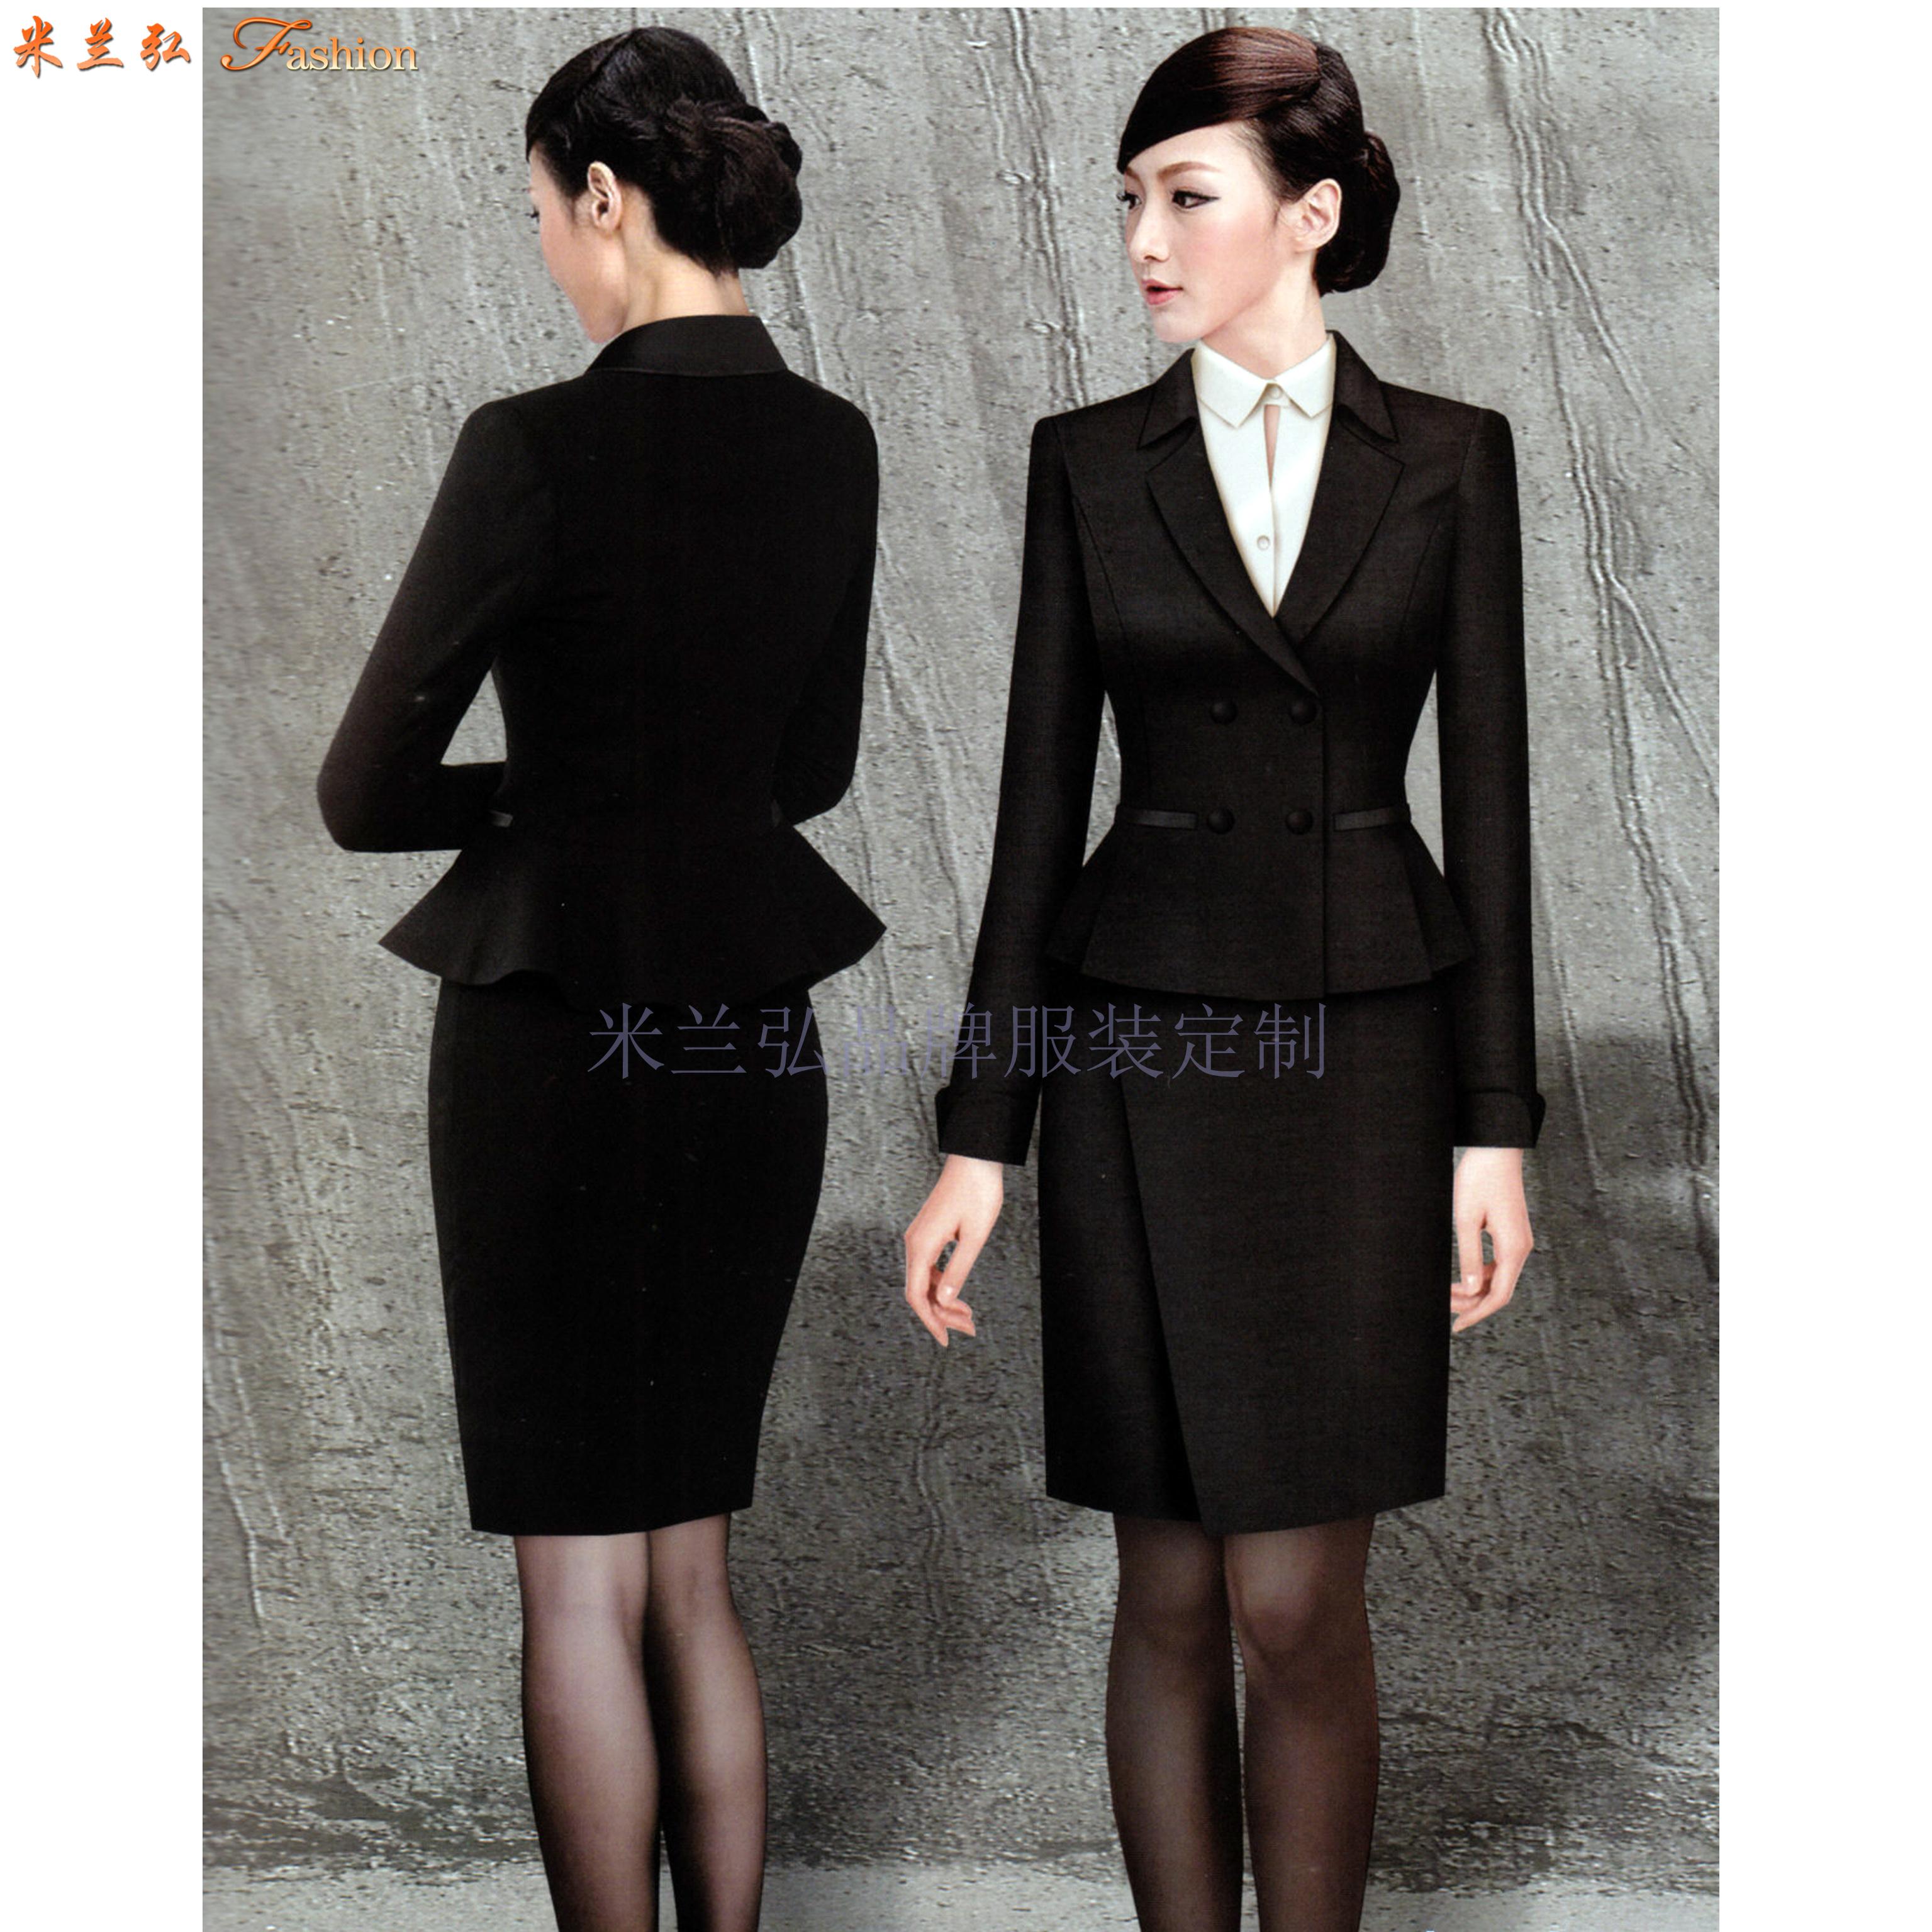 北京商務西裝西服定做-米蘭弘量身定制企事業單位正裝西服-2